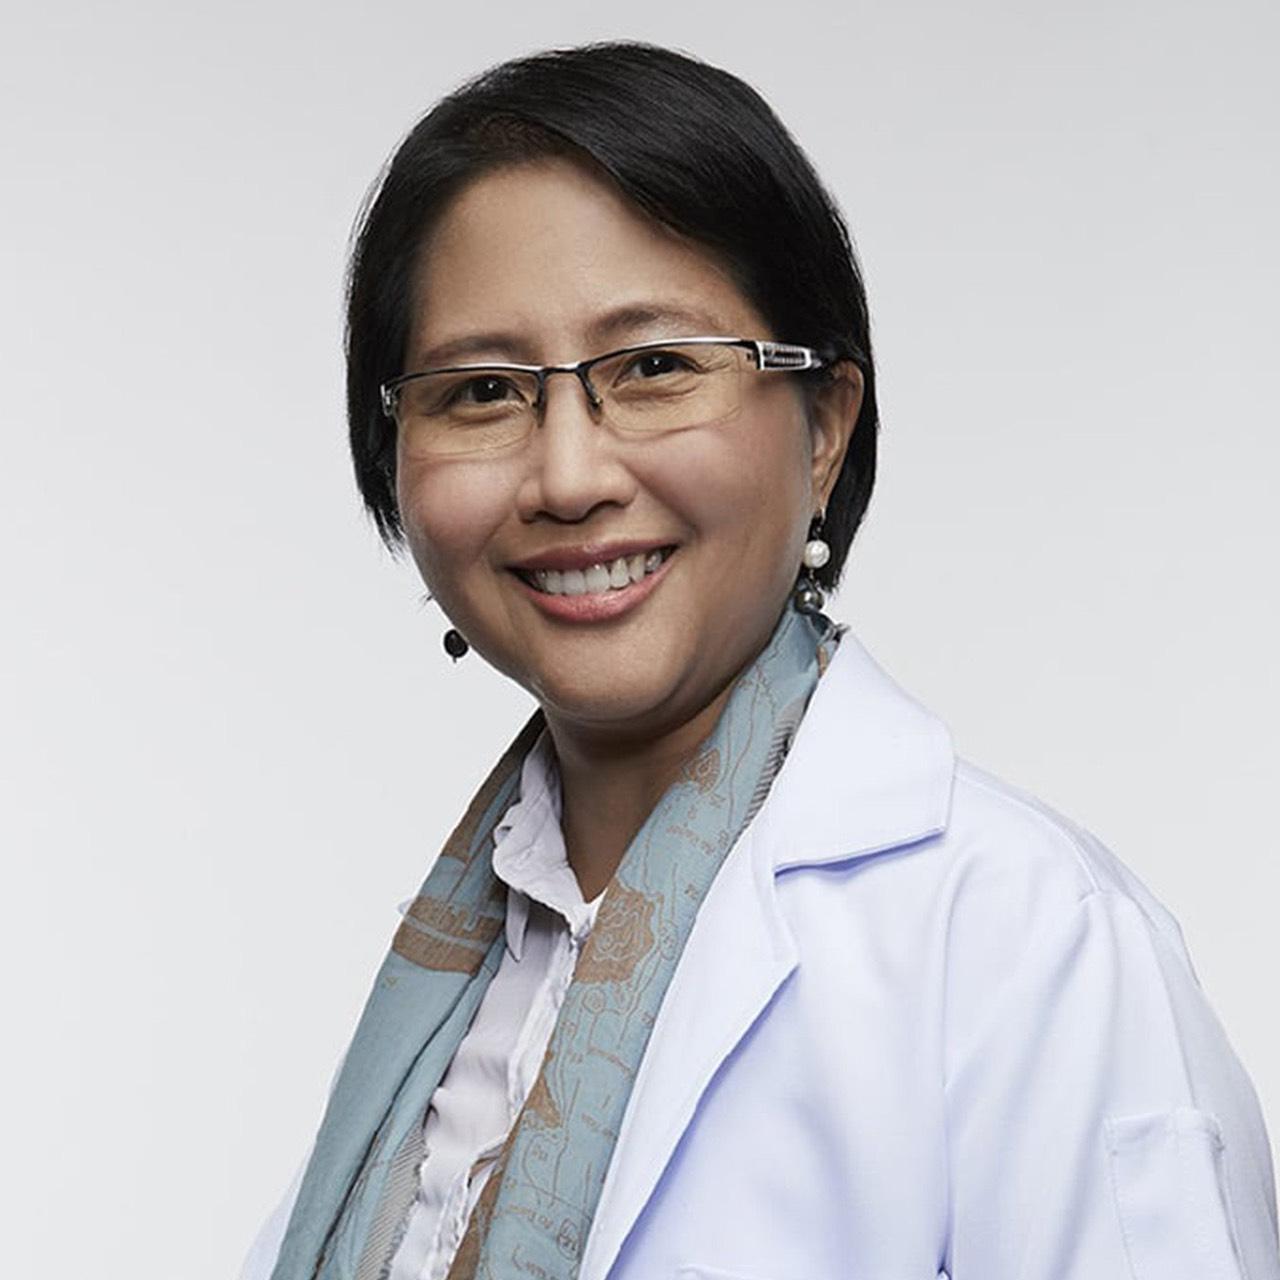 หนุนลดละเลิกเหล้า สร้างสุขภาวะสู้โควิด-19 thaihealth